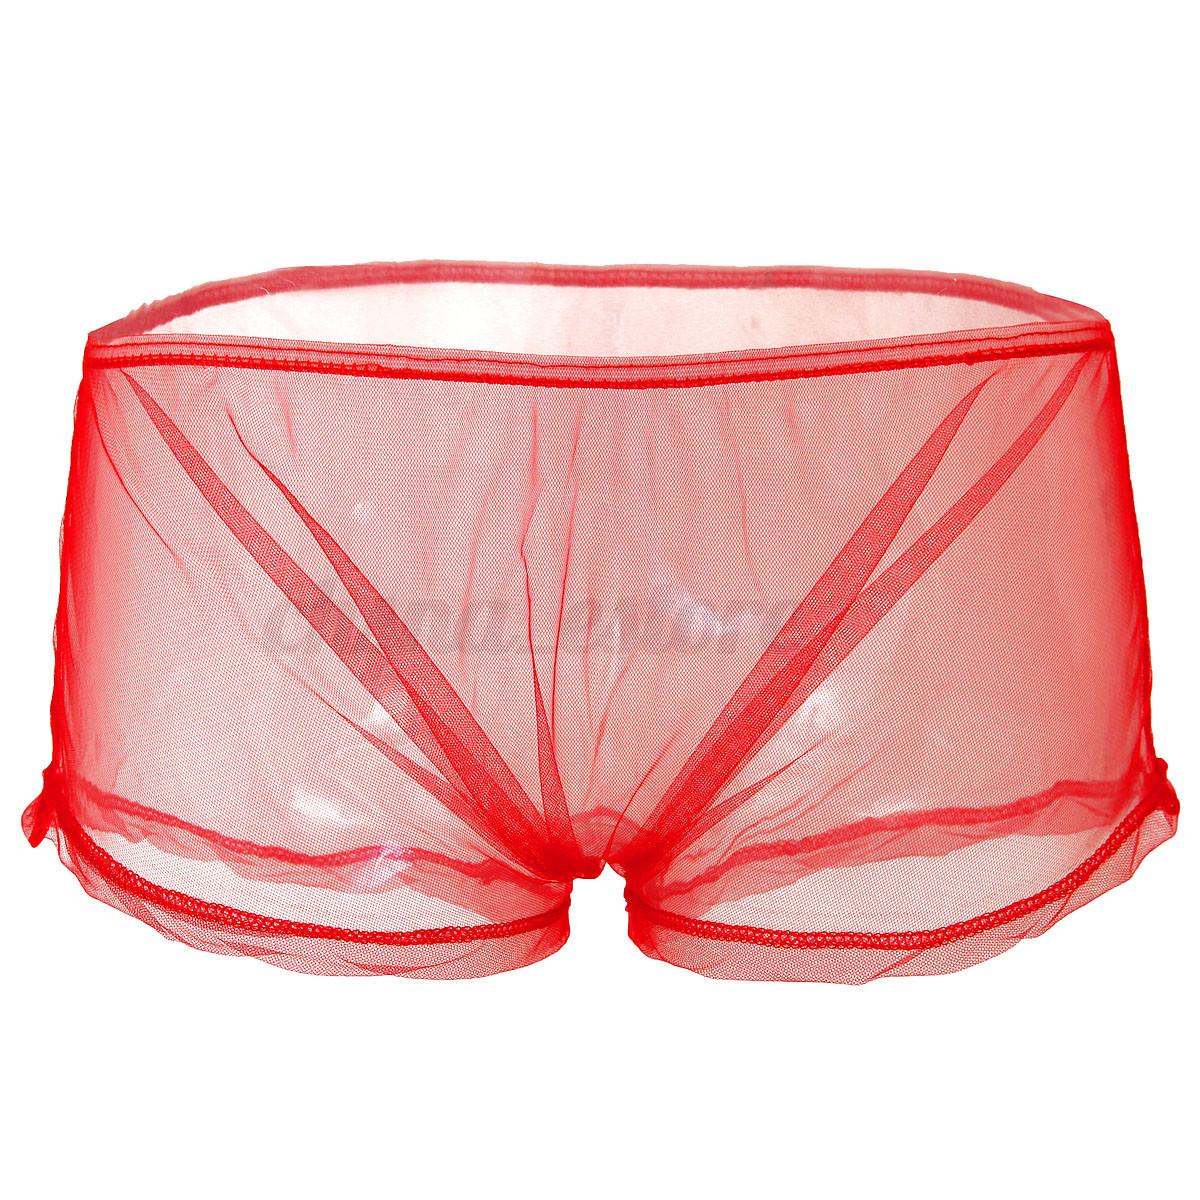 Calzoncillos hombres sexy ropa interior transparente boxer - Ropa interior hombre transparente ...